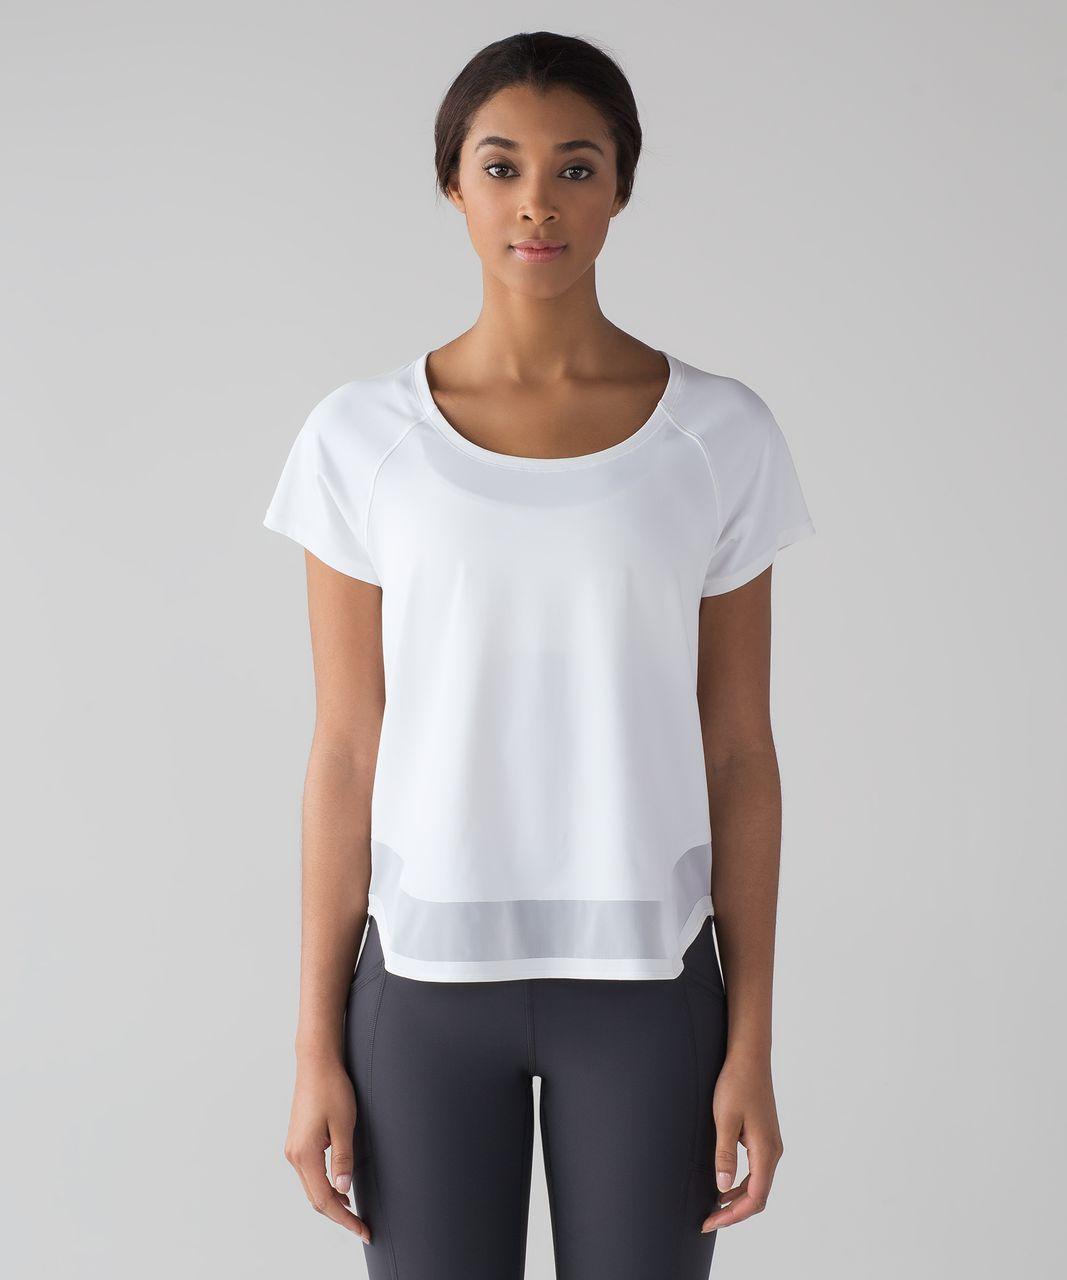 Lululemon Smooth Stride Short Sleeve (UV Protection) - White